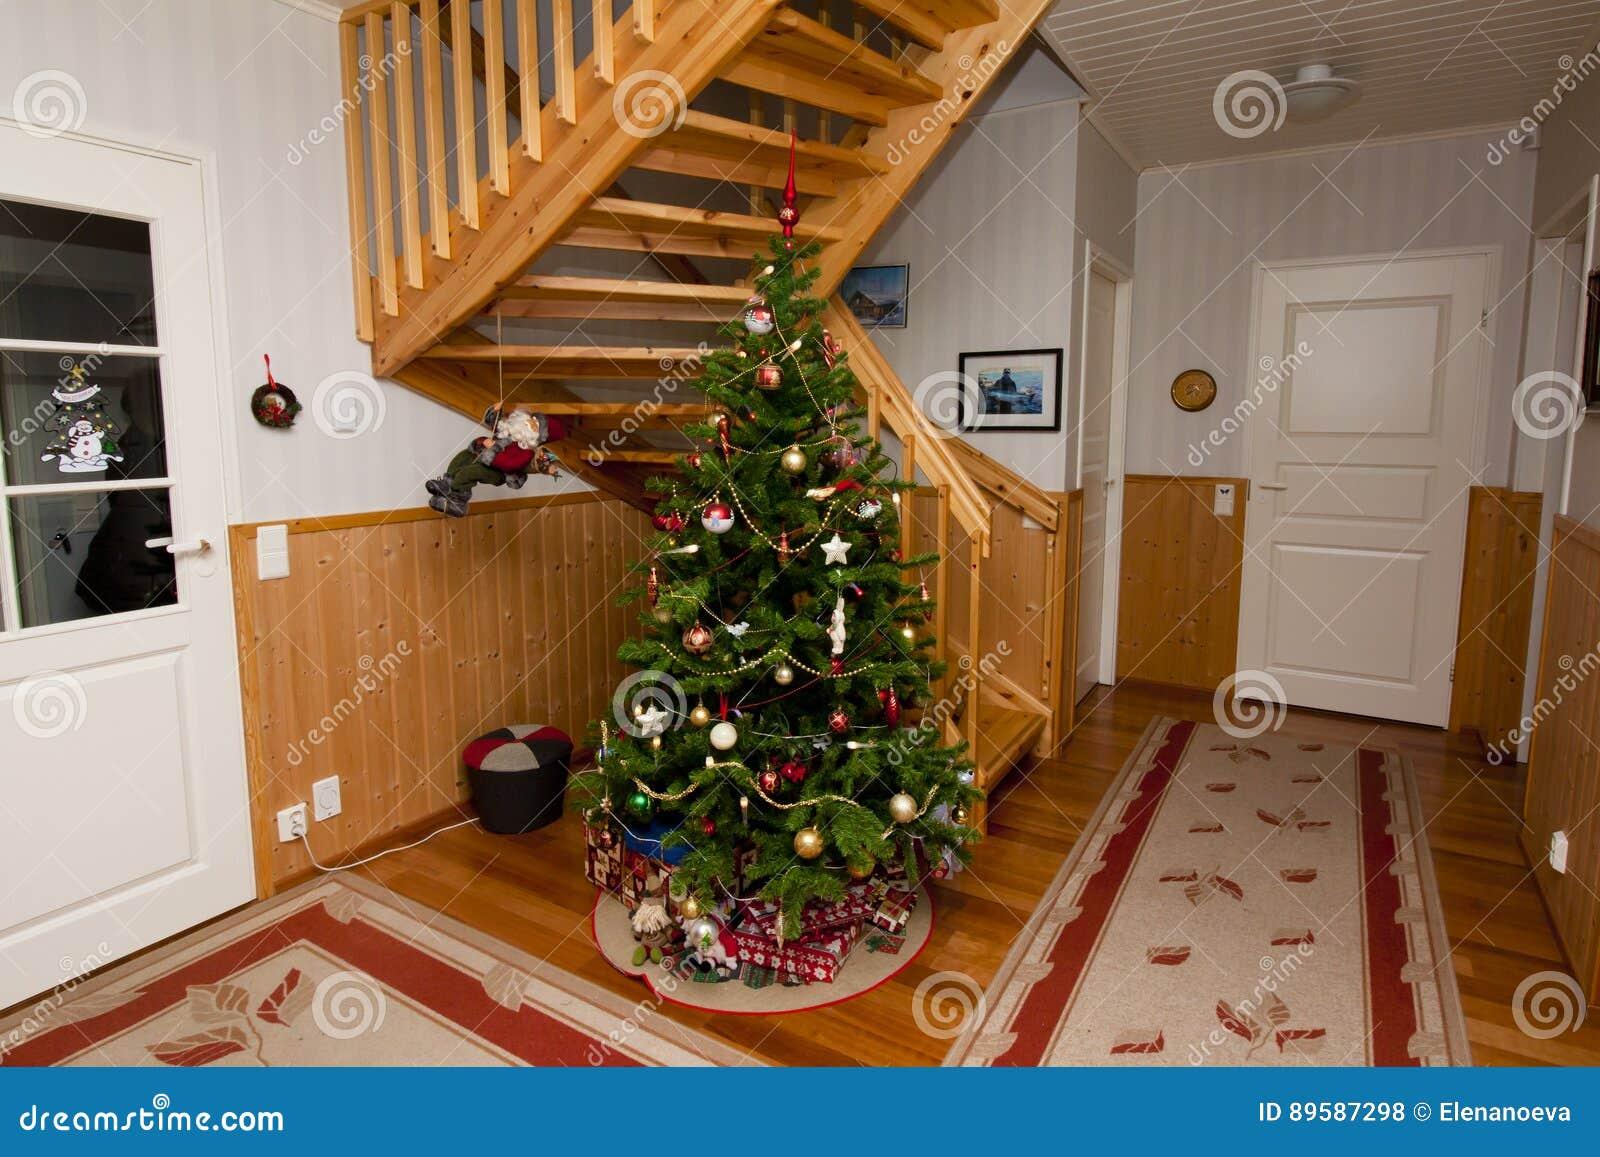 Semestra fotoet av den hemtrevliga hemmiljön, med garnering för julgranen och för det nya året